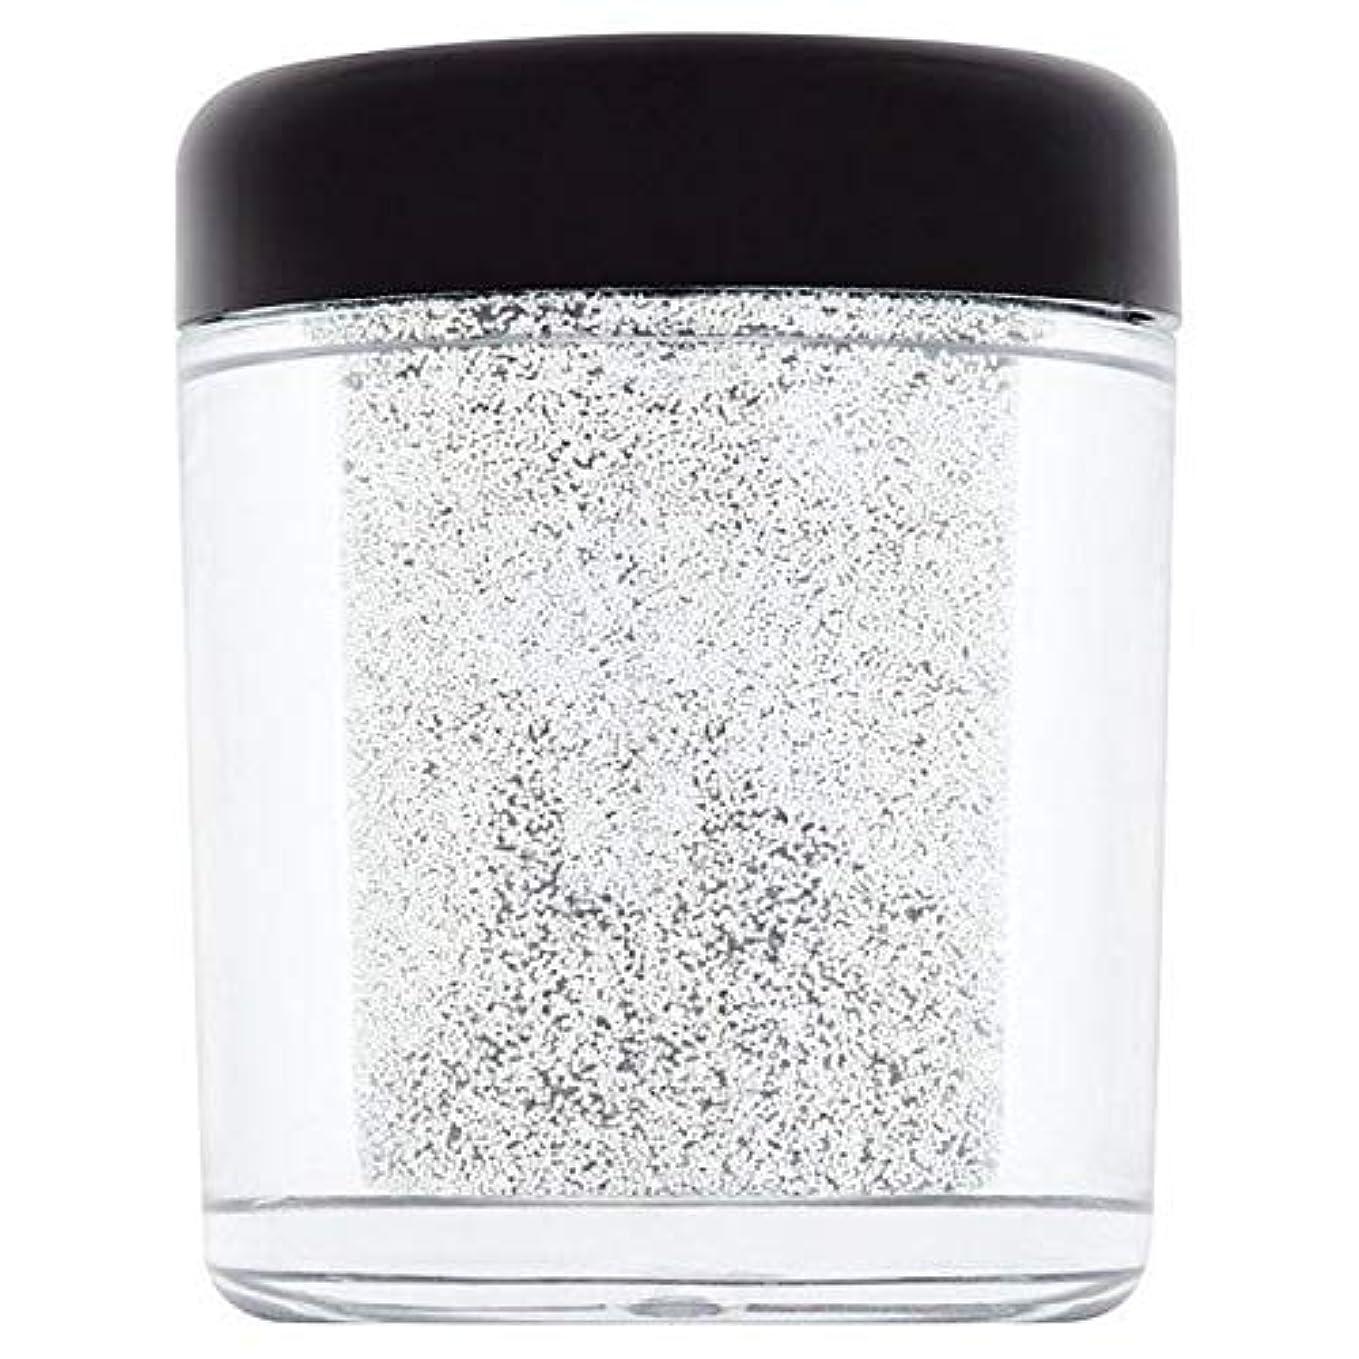 ルネッサンス熱望する素子[Collection ] 天使2を回収グラムの結晶は、フェイス&ボディの輝きが落ち - Collection Glam Crystals Face & Body Glitter Fallen Angel 2 [並行輸入品]